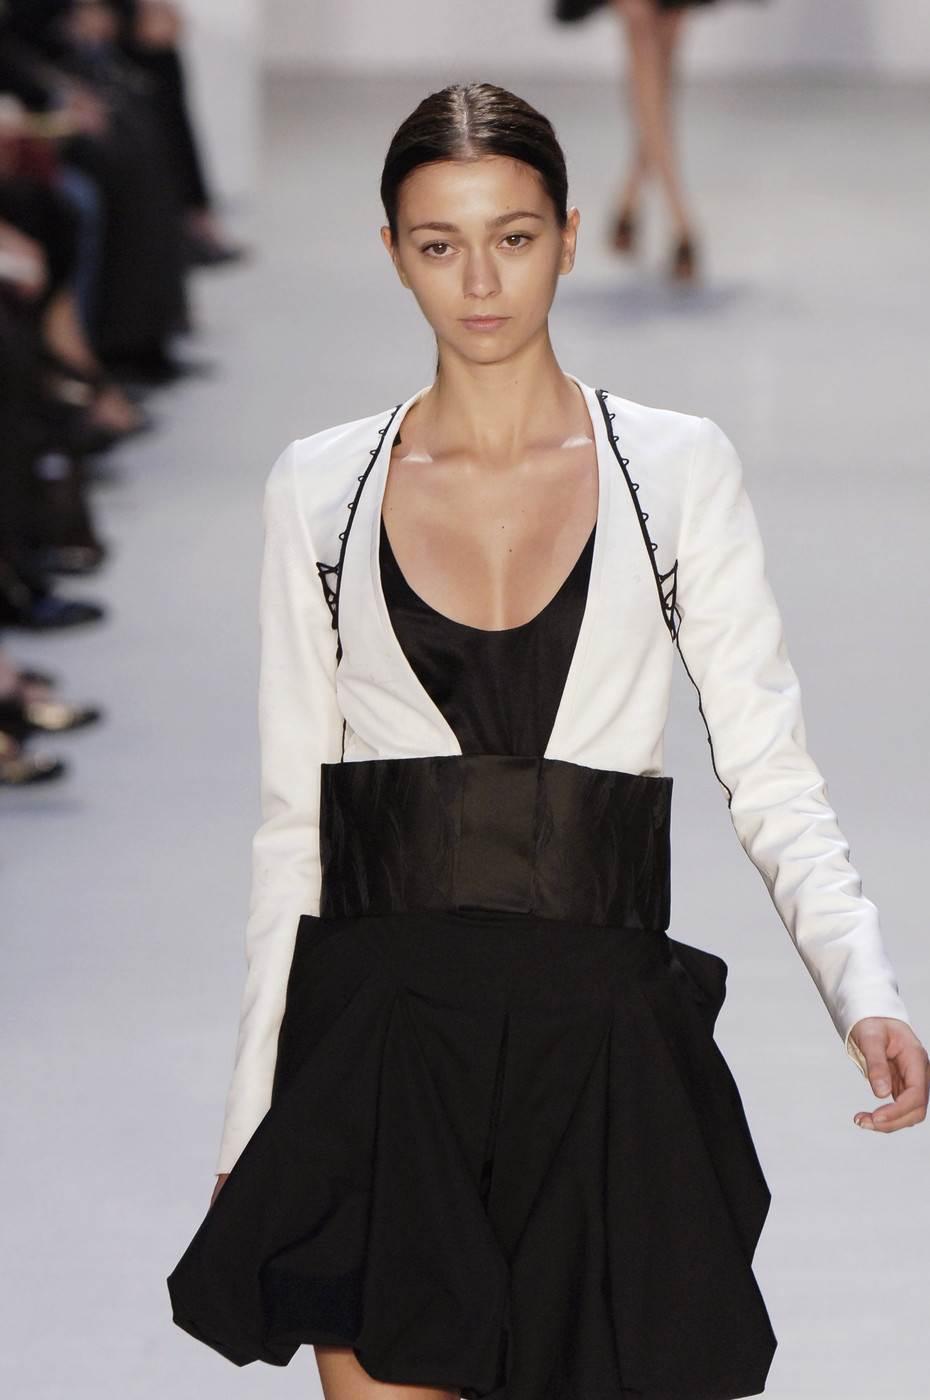 【外人】30歳過ぎてるロリ顔のフランス人モデルのモルガン・デュブレ(Morgane Dubled)のポルノ画像 6158